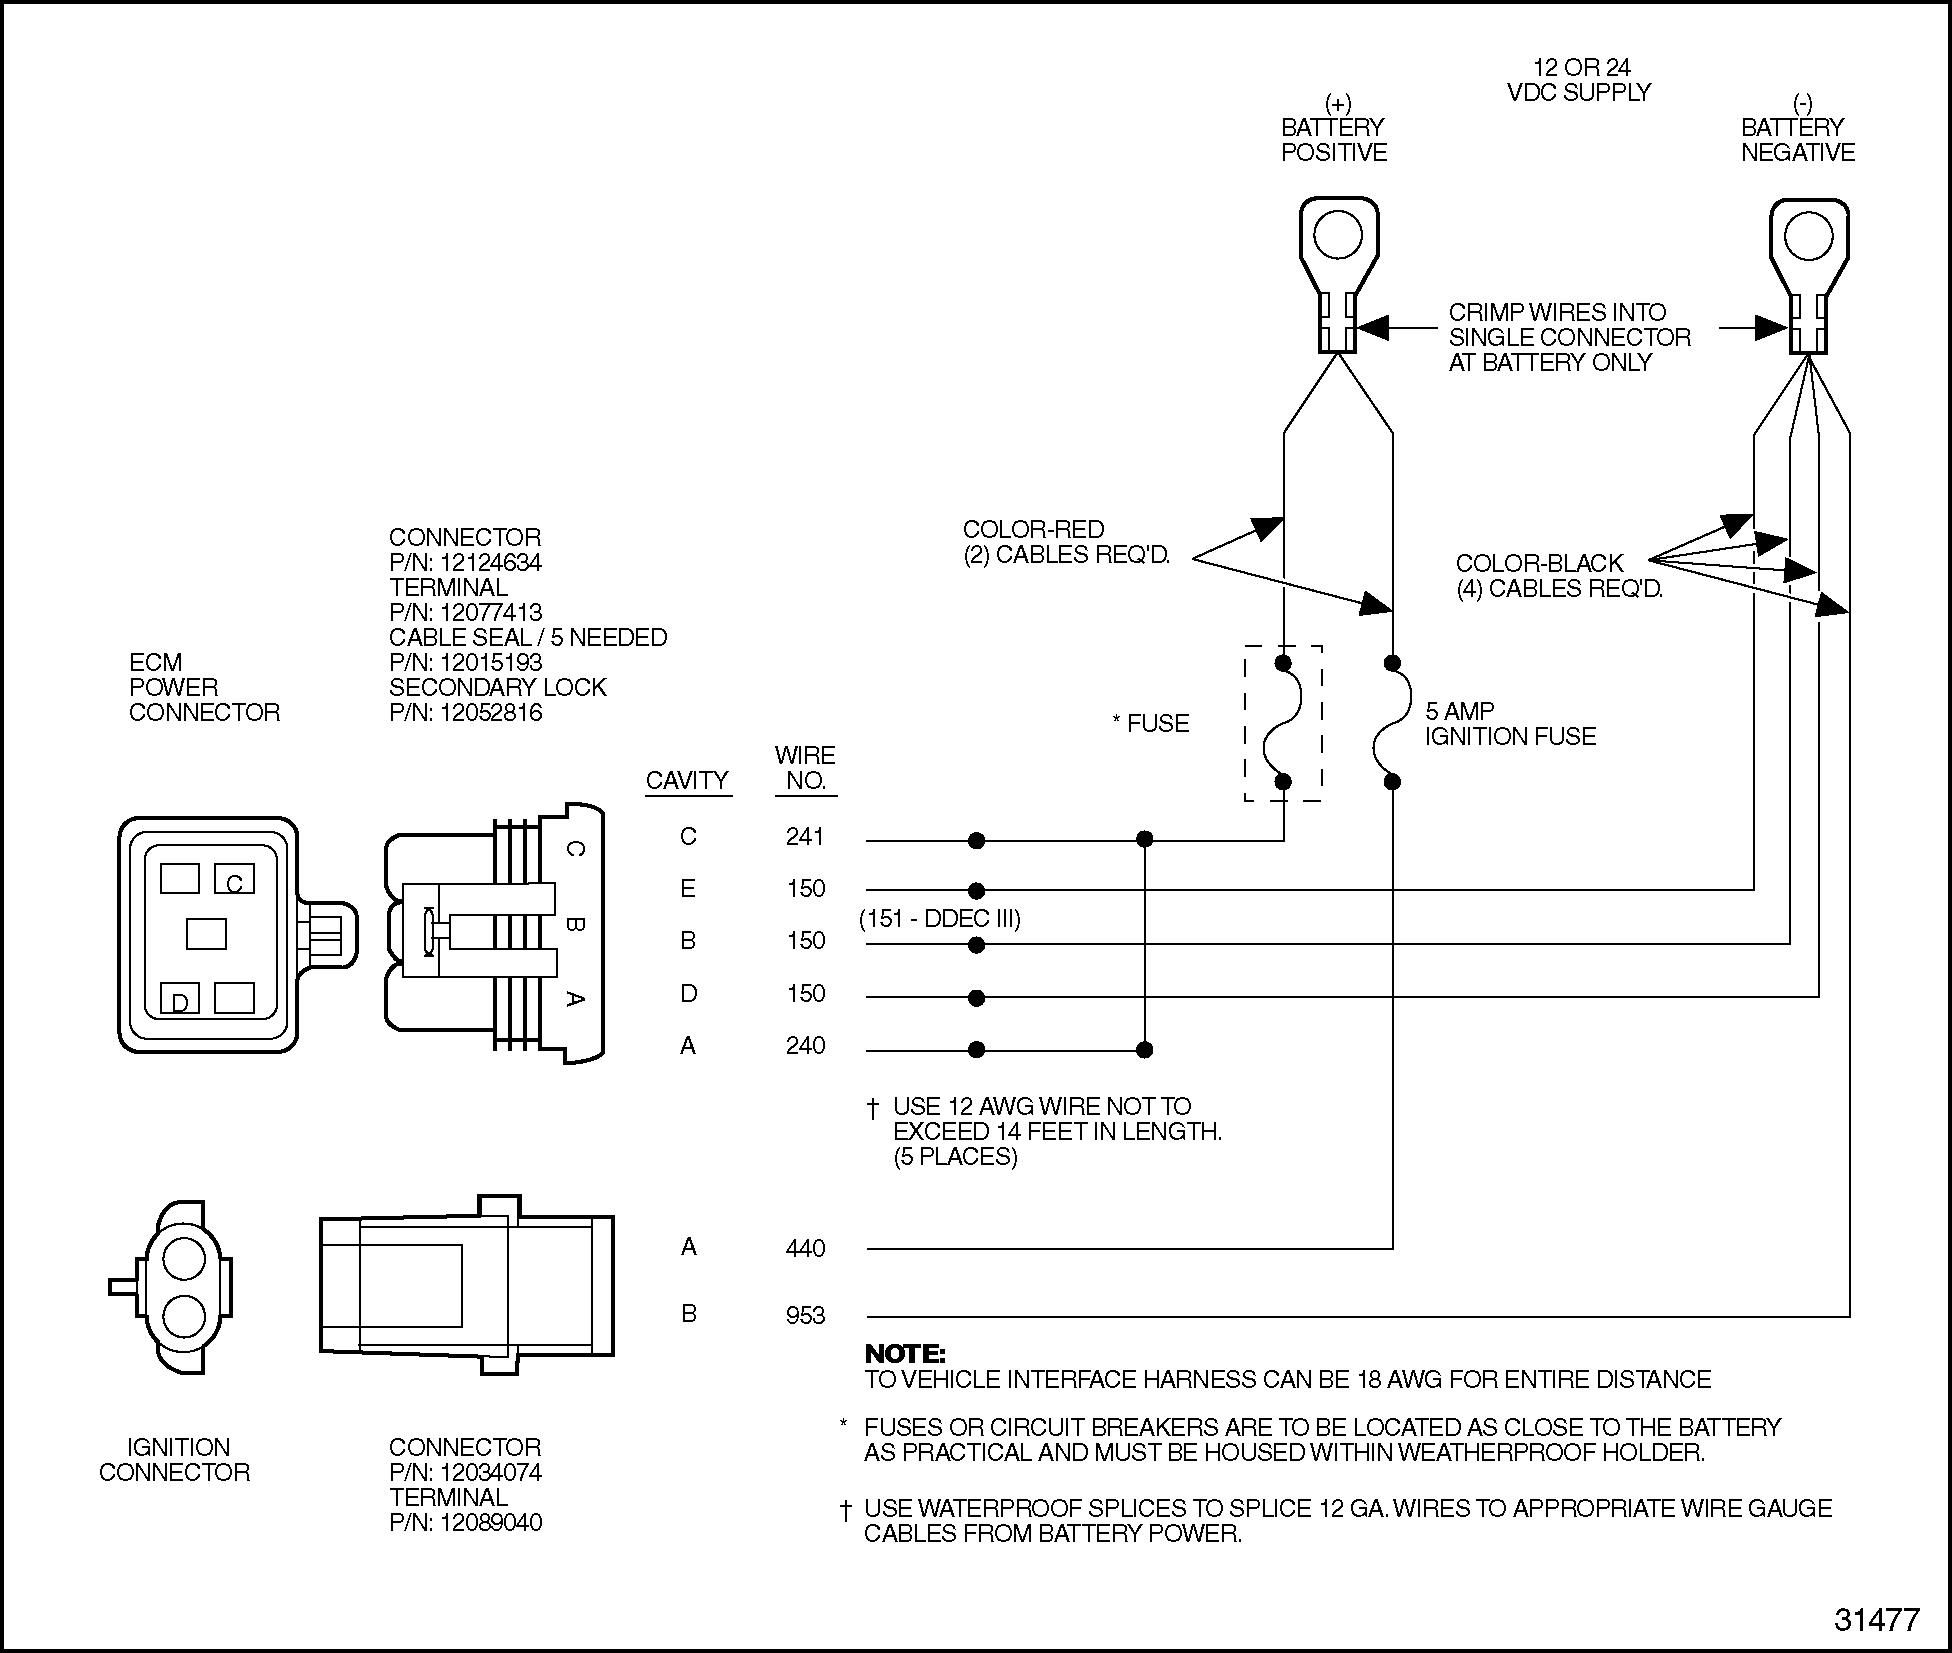 Ddec V Schematic - Wiring Diagrams List Ddec Wiring Diagram Engine Fan on